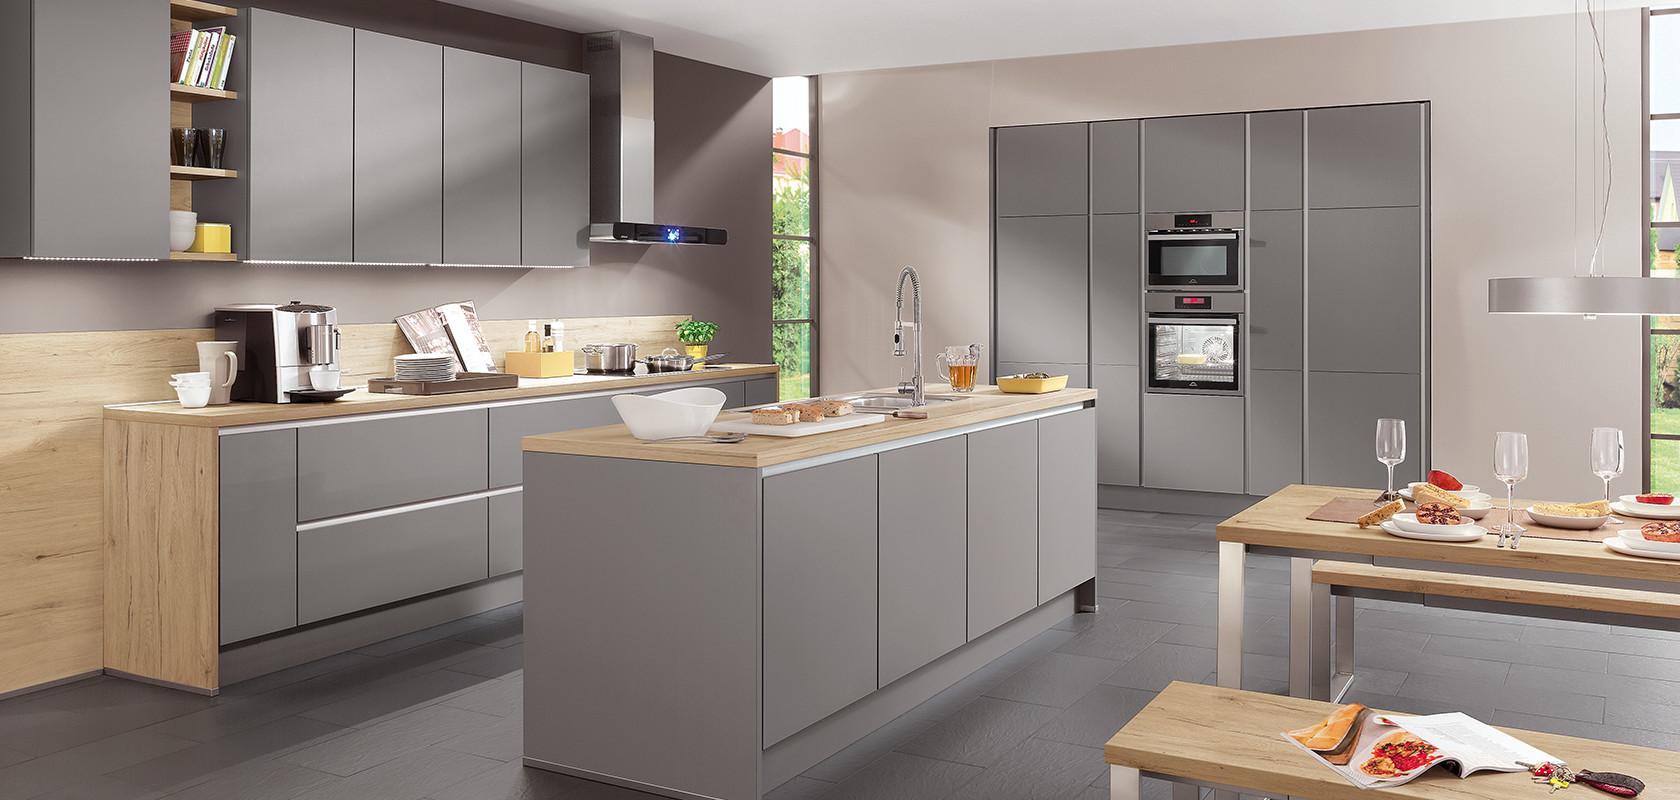 Material & Oberflächen: Alles über Küchenfronten aus Holz, Glas